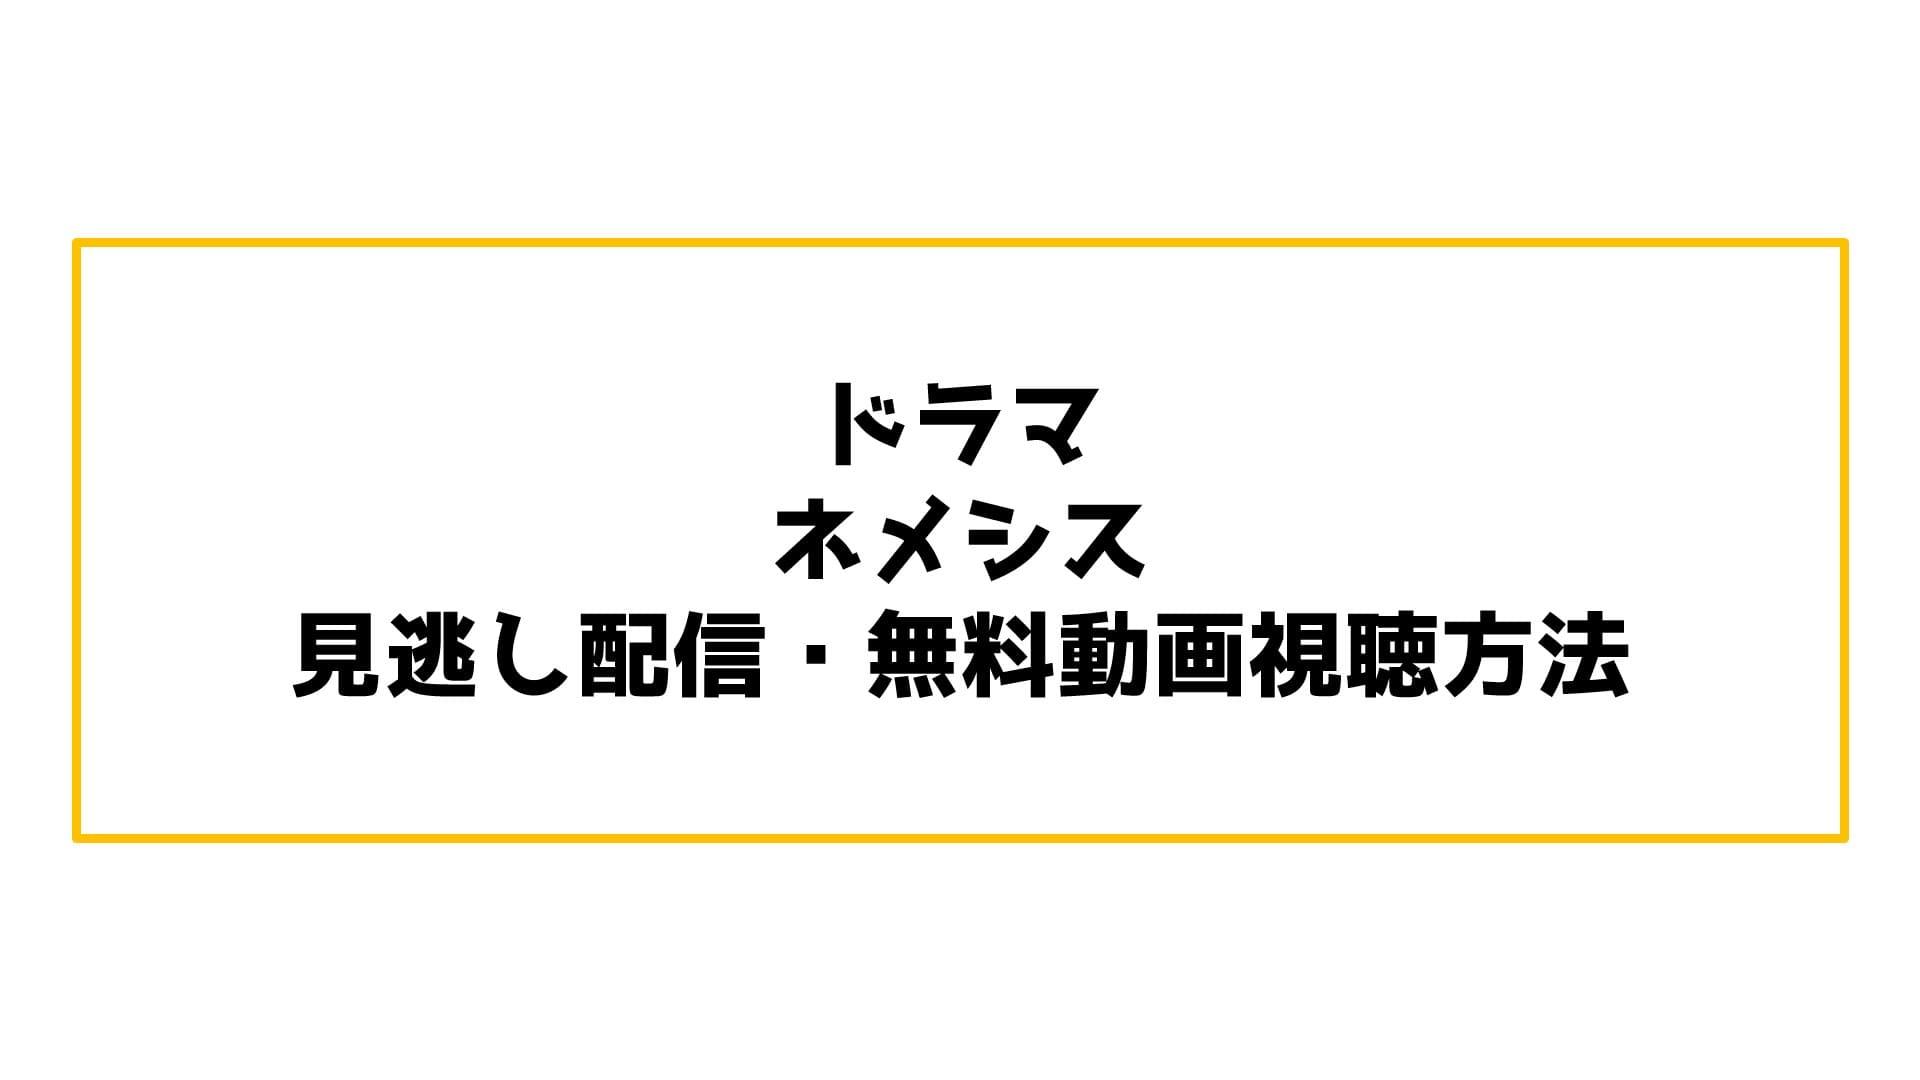 ドラマ ネメシス 見逃し配信・無料動画視聴方法